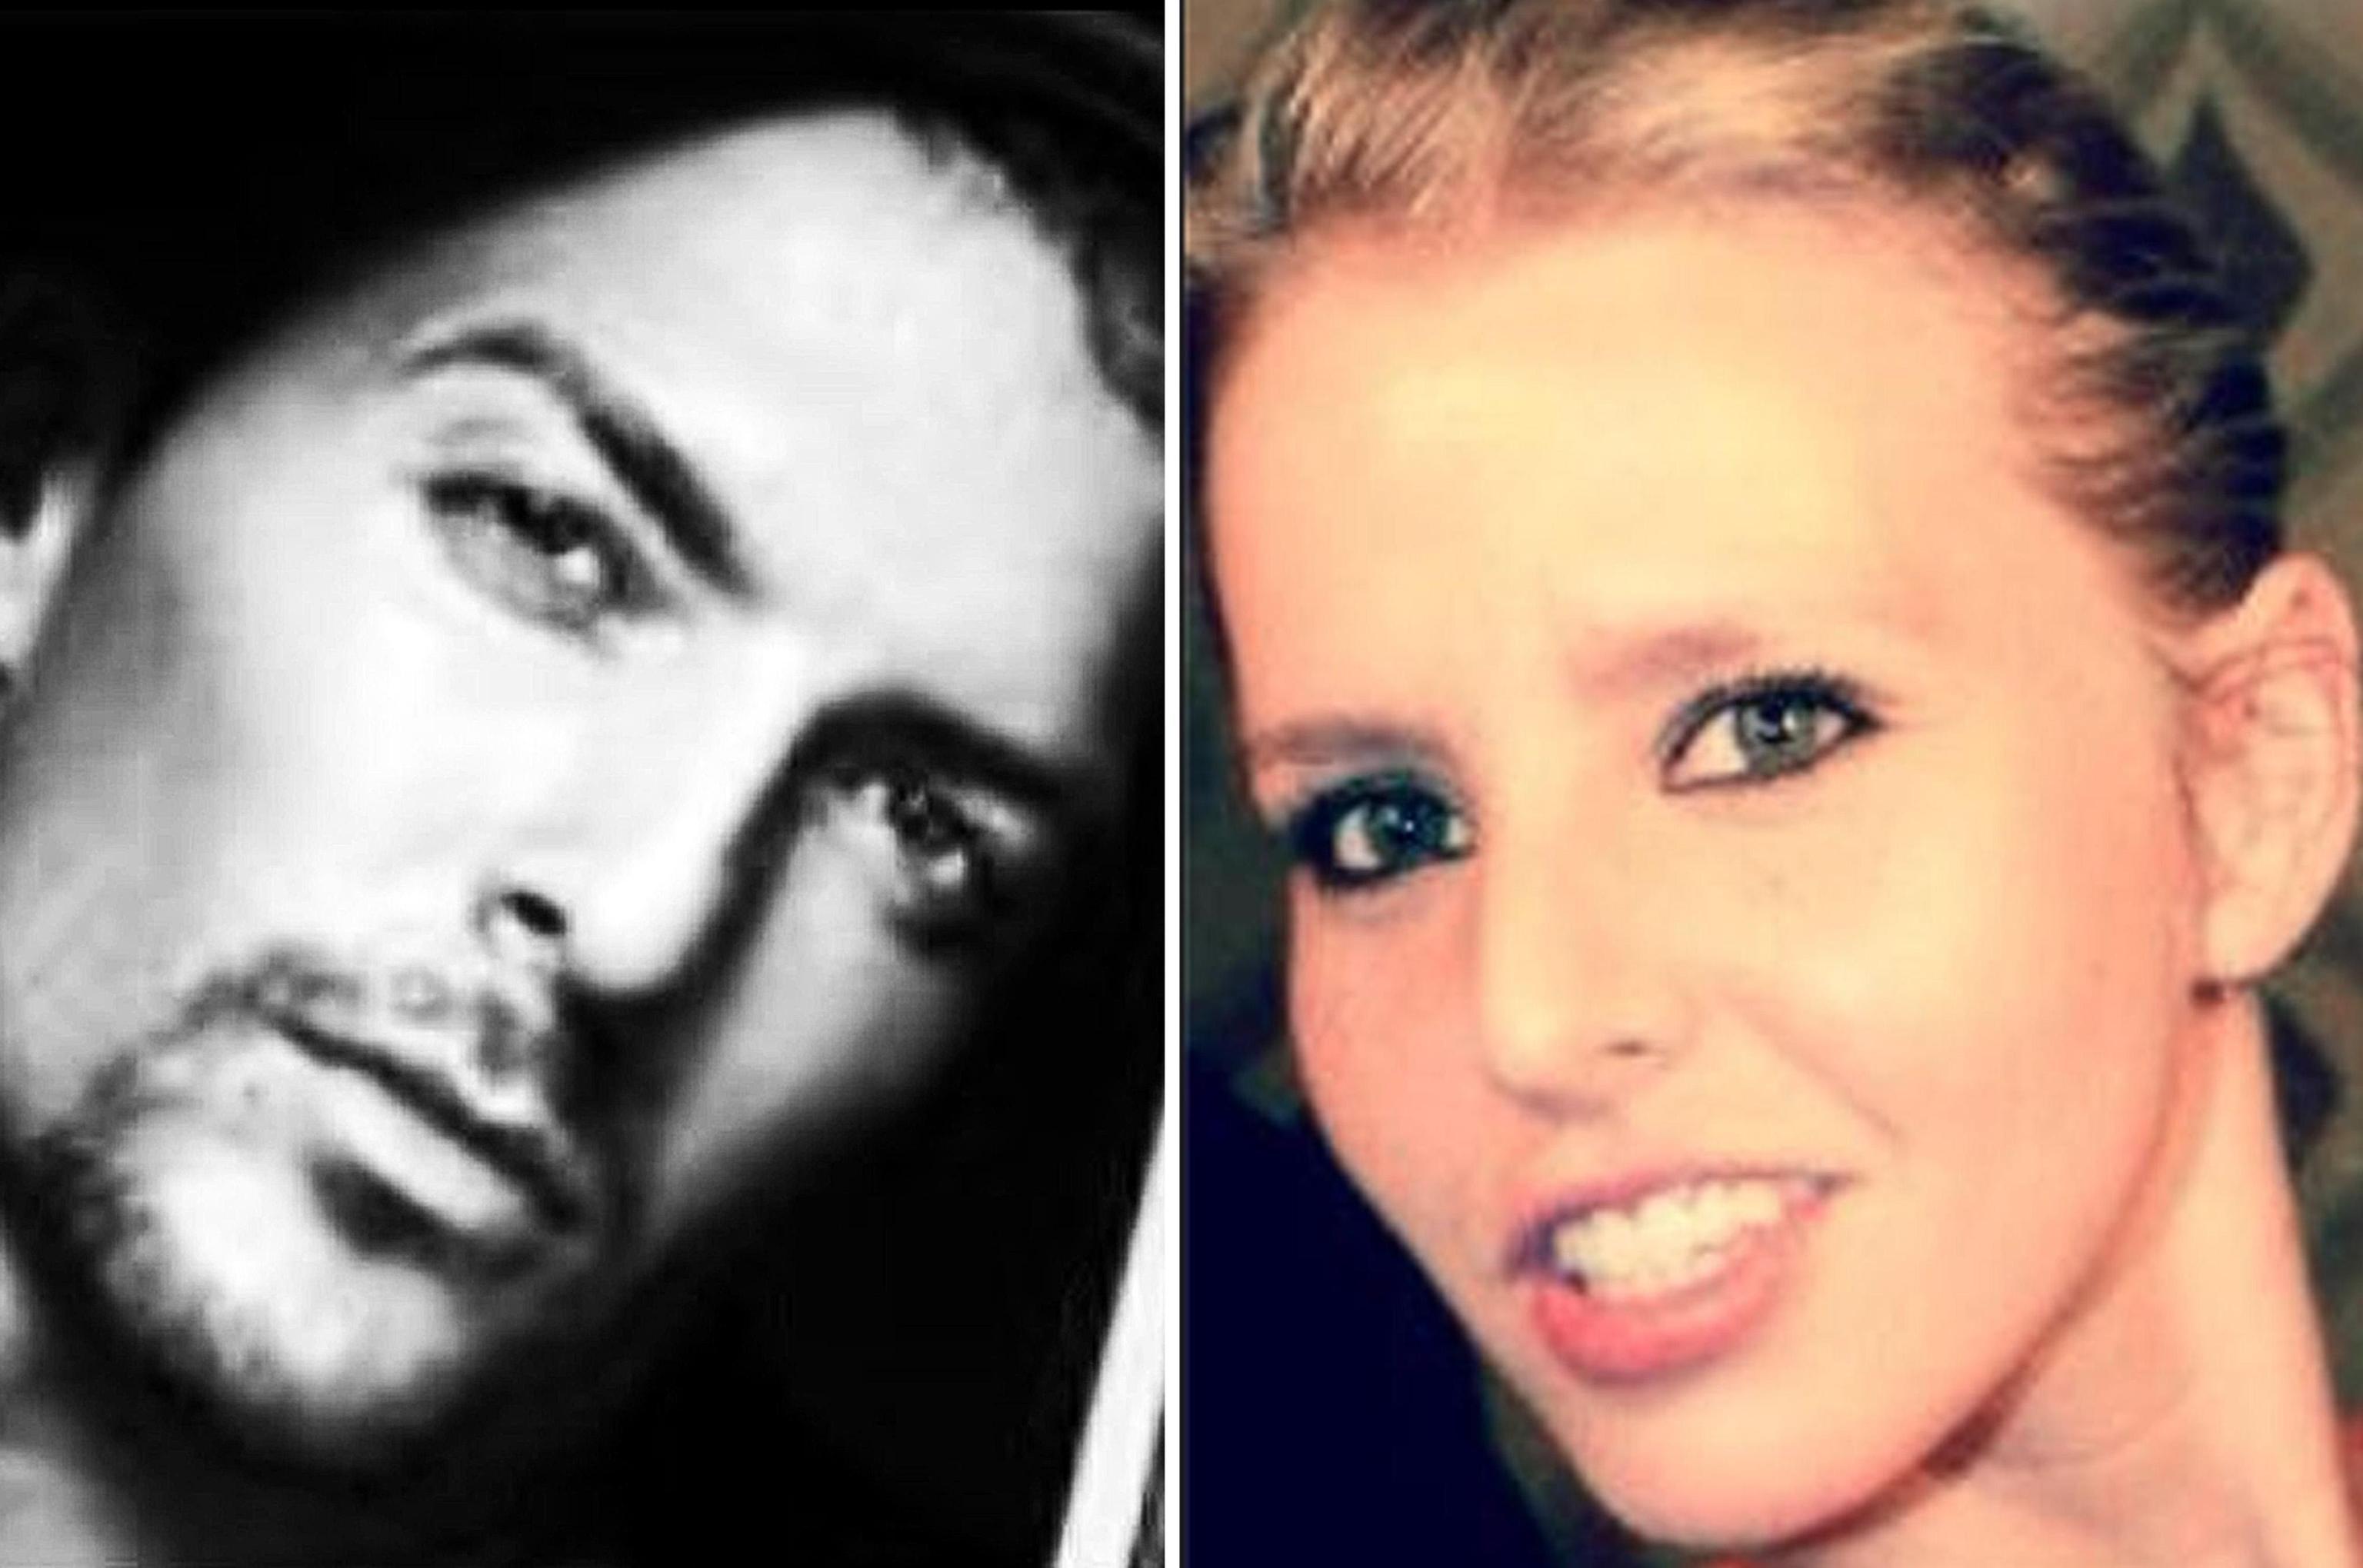 Fidanzati uccisi: Corte si ritira